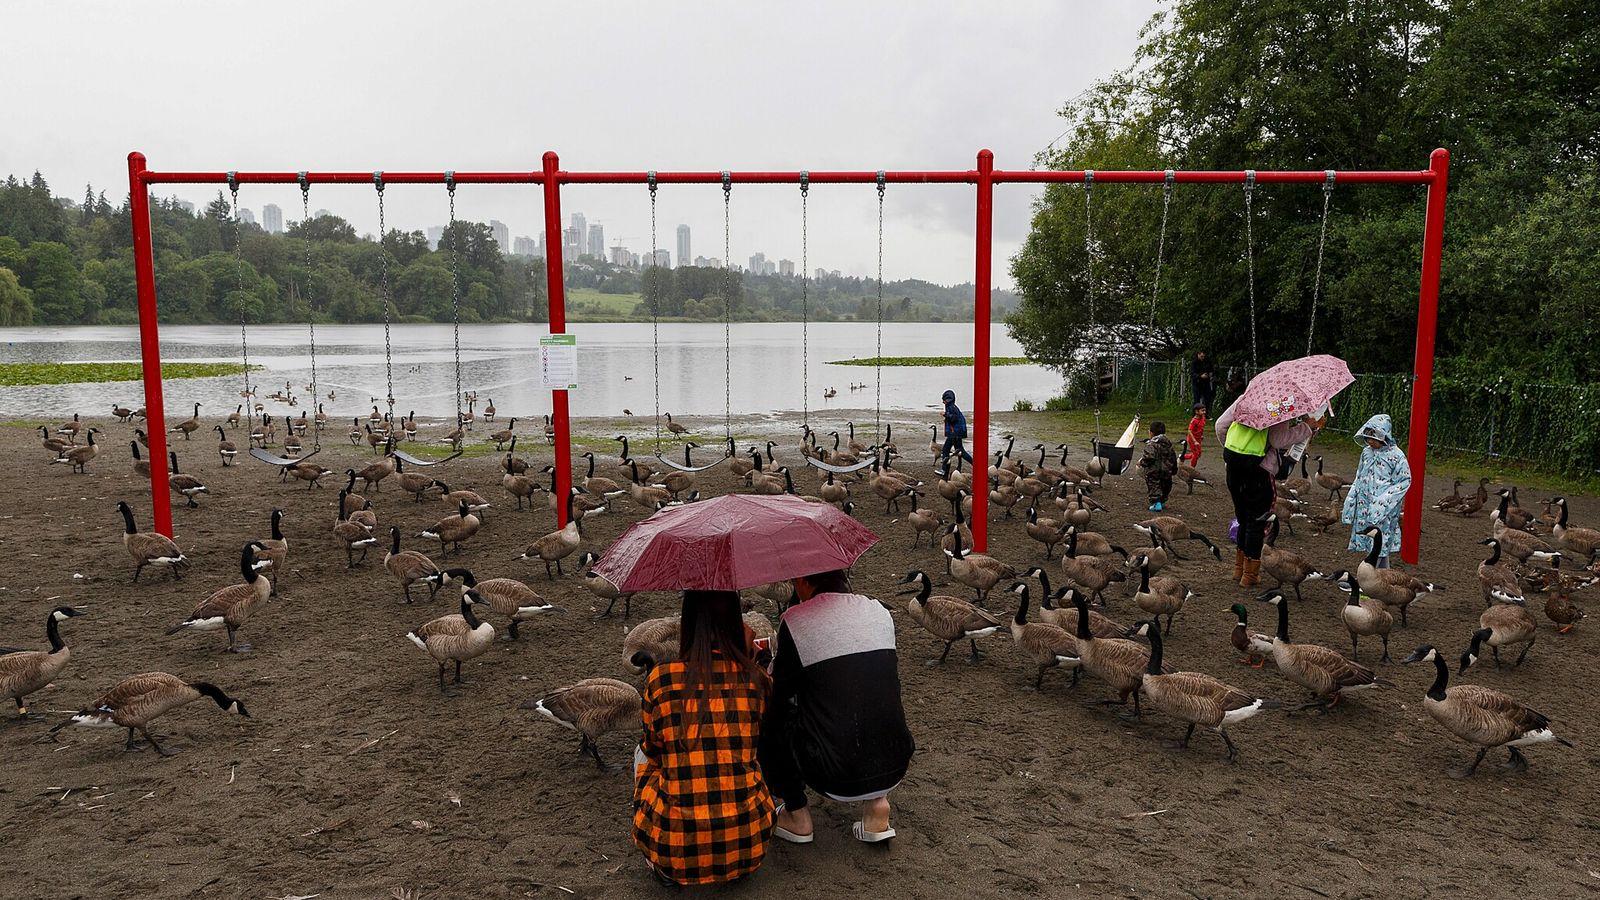 Des bernaches du Canada se rassemblent sur une aire de jeux du Parc du lac Deer, ...